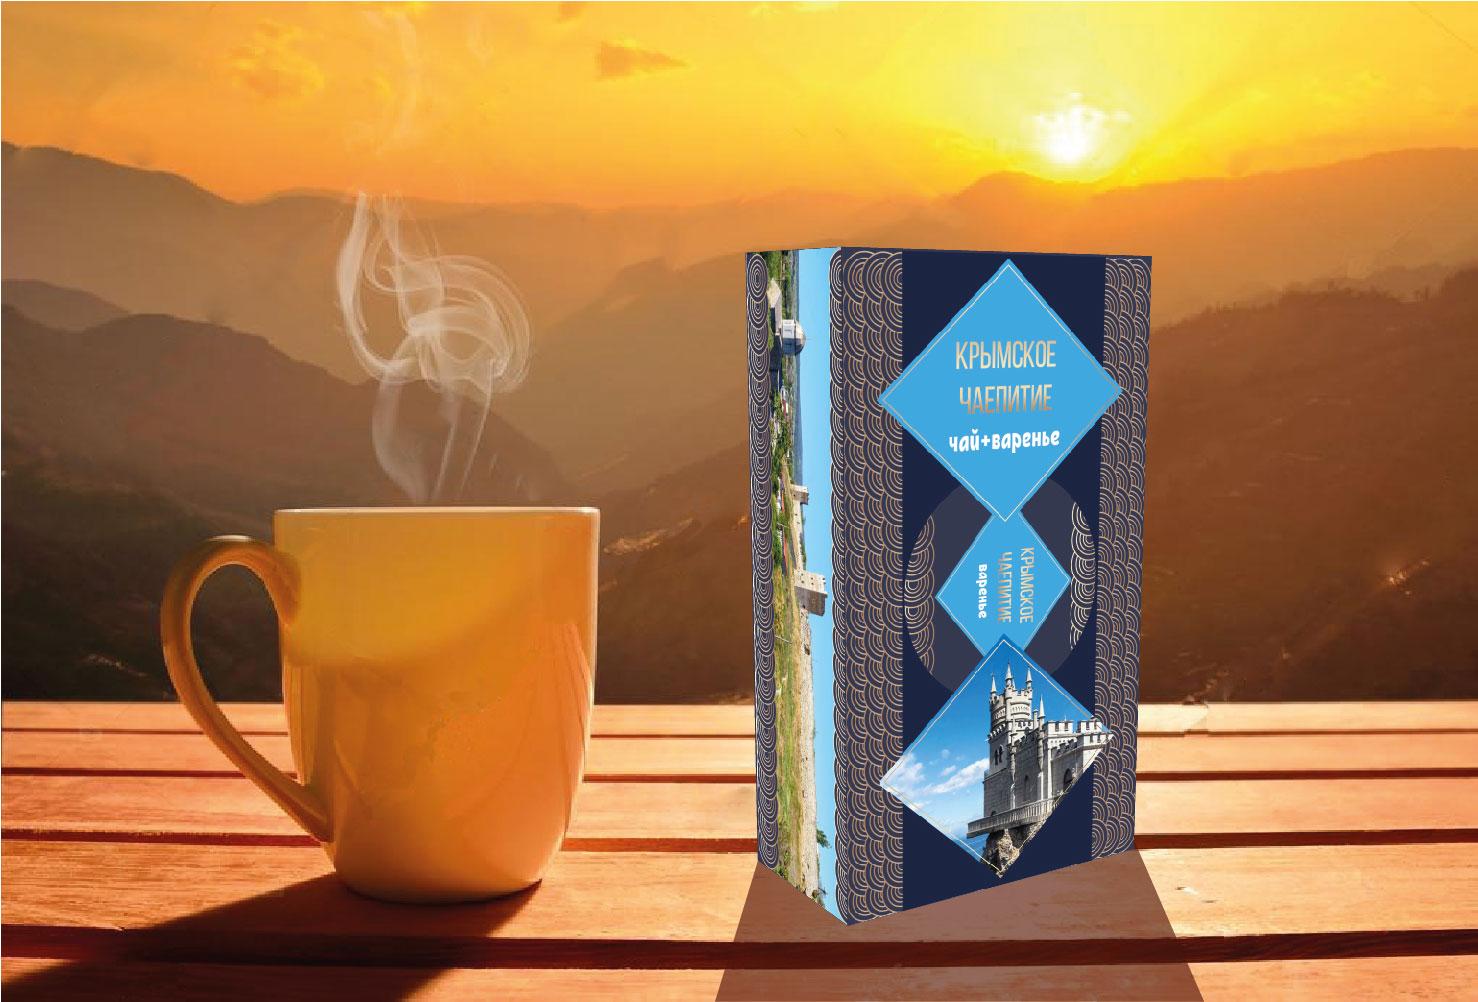 Дизайн подарочной-сувенирной коробки: с чаем и варением фото f_1705a53b901cfb65.jpg